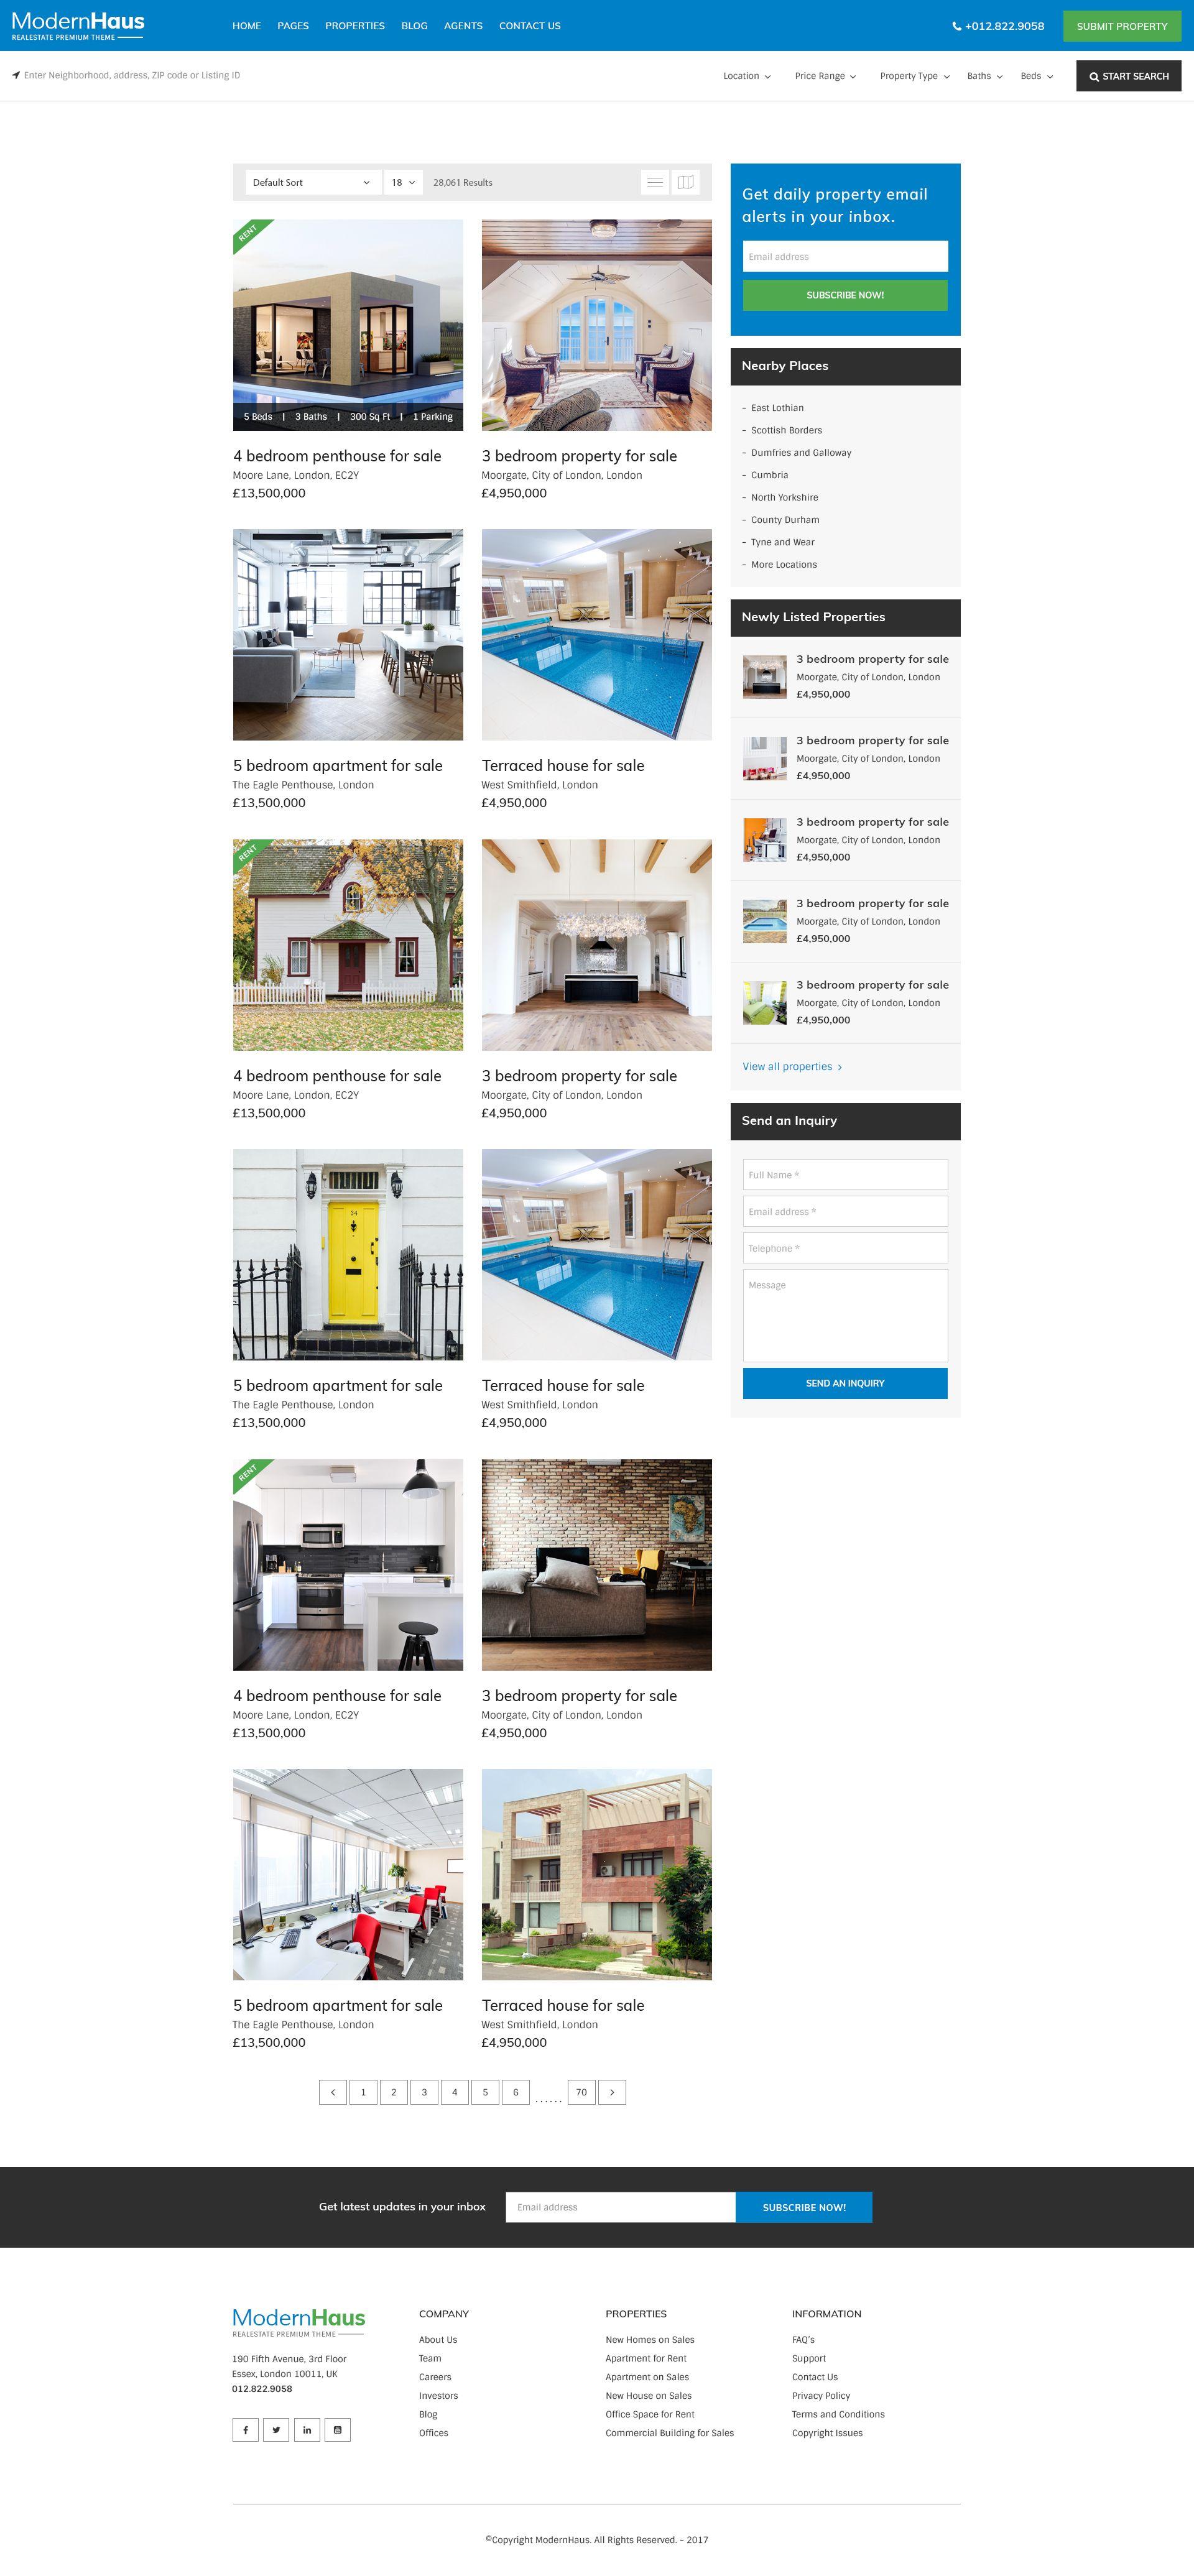 Modernhaus Real Estate Psd Template Psd Templates Real Estate Templates